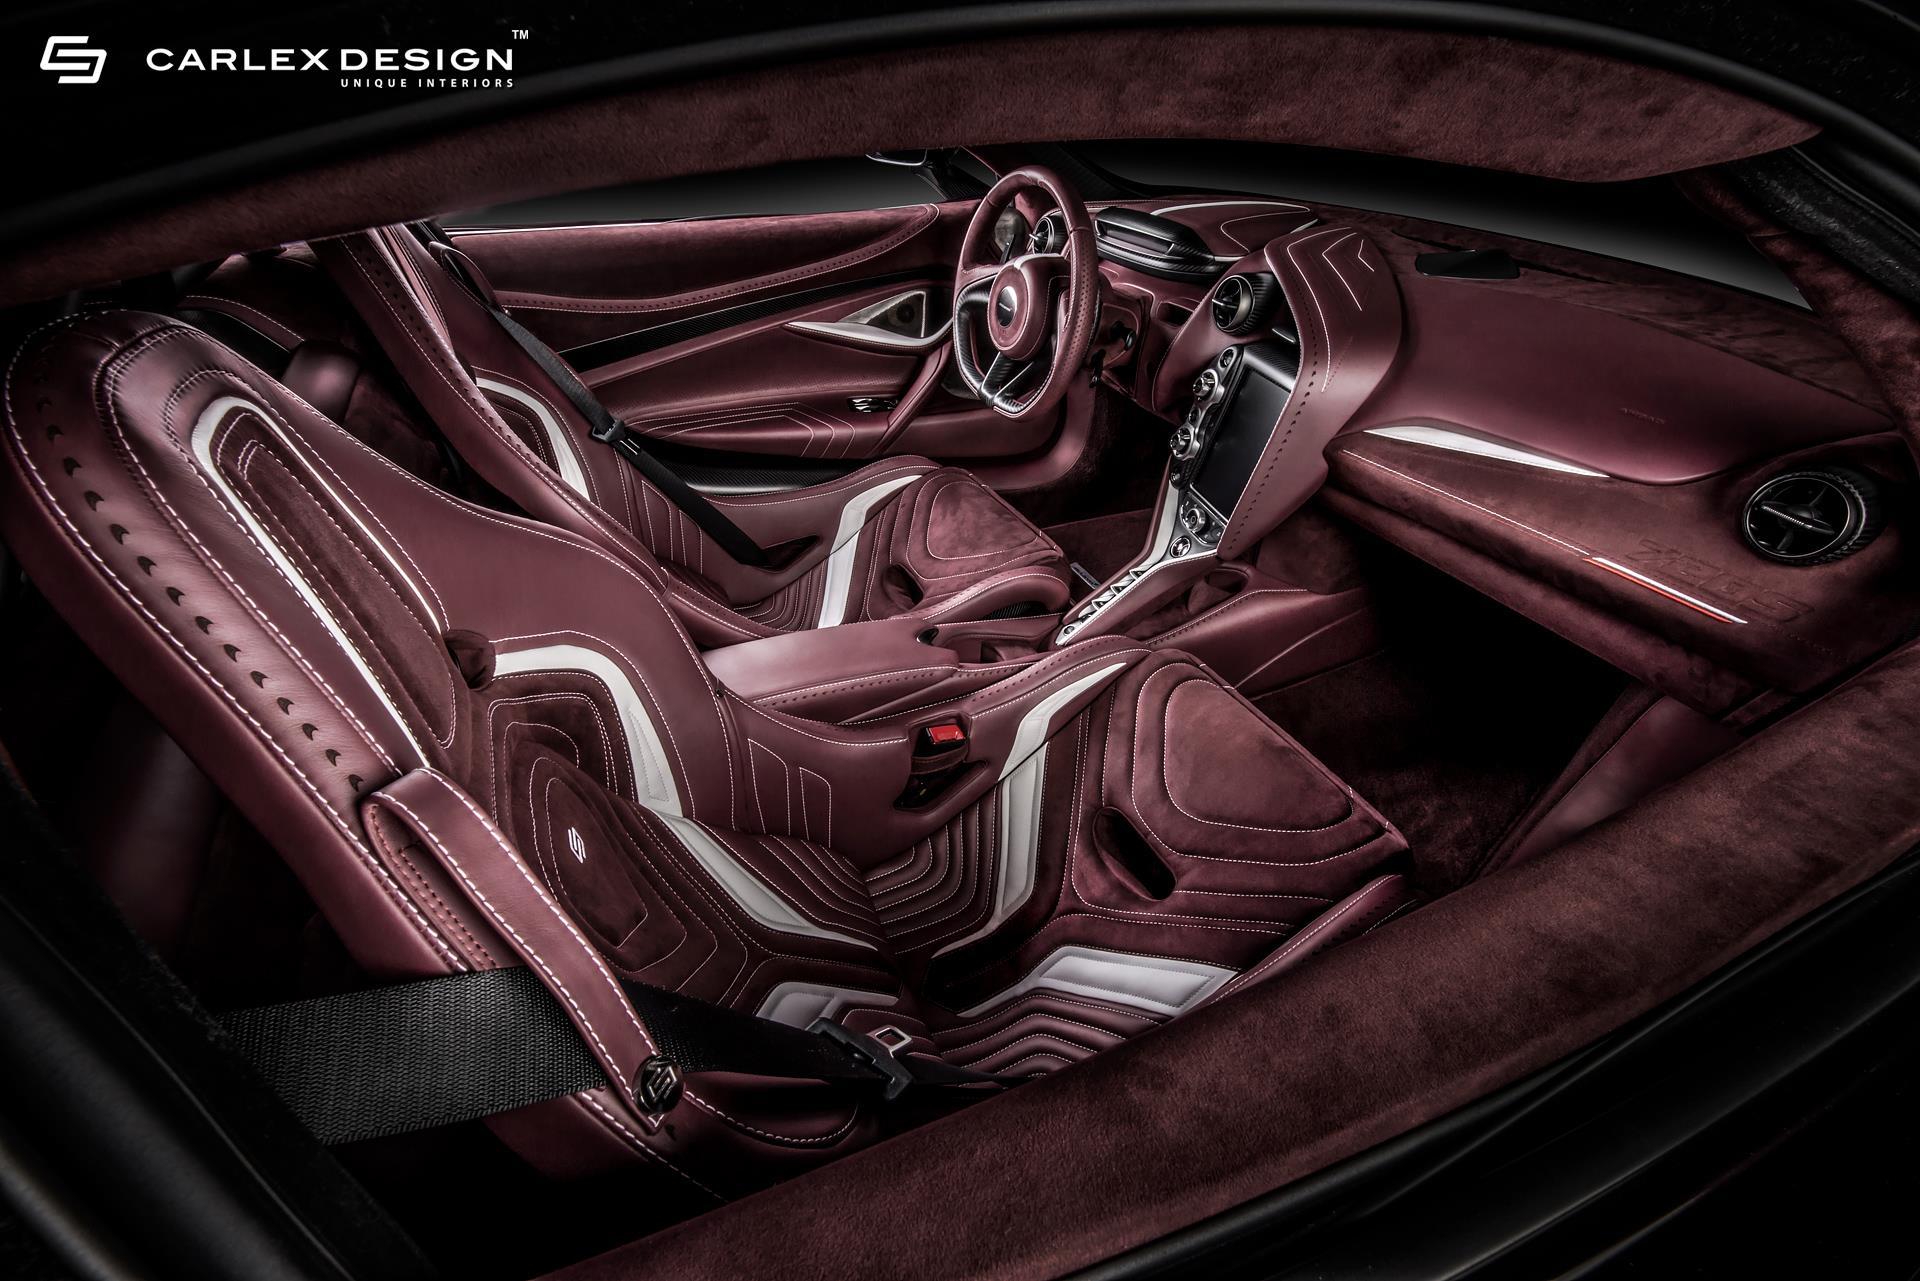 Mclaren 720s Gets Stunning Interior By Carlex Design